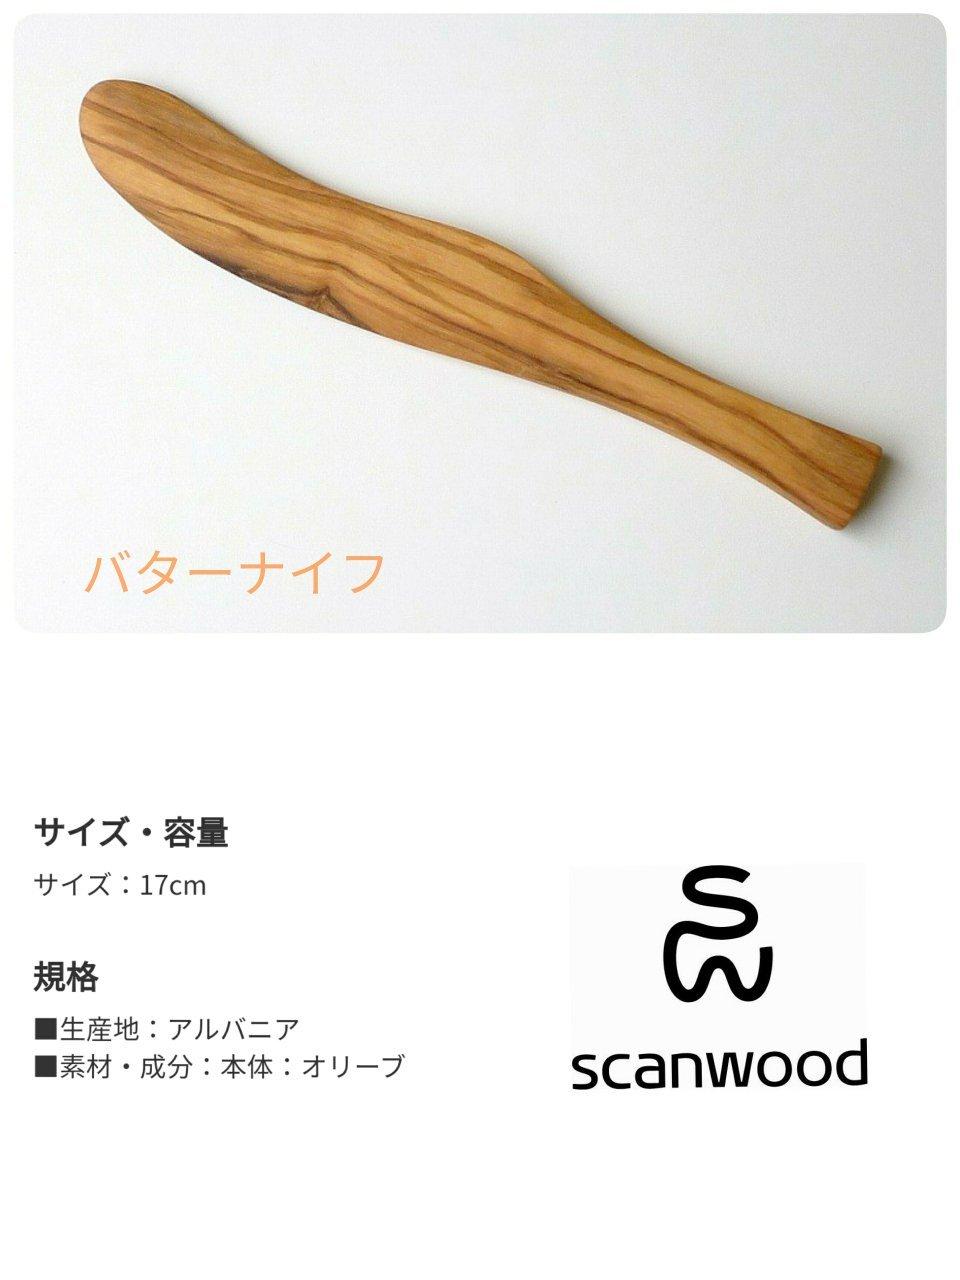 scanwood 入荷_f0255704_21011052.jpg